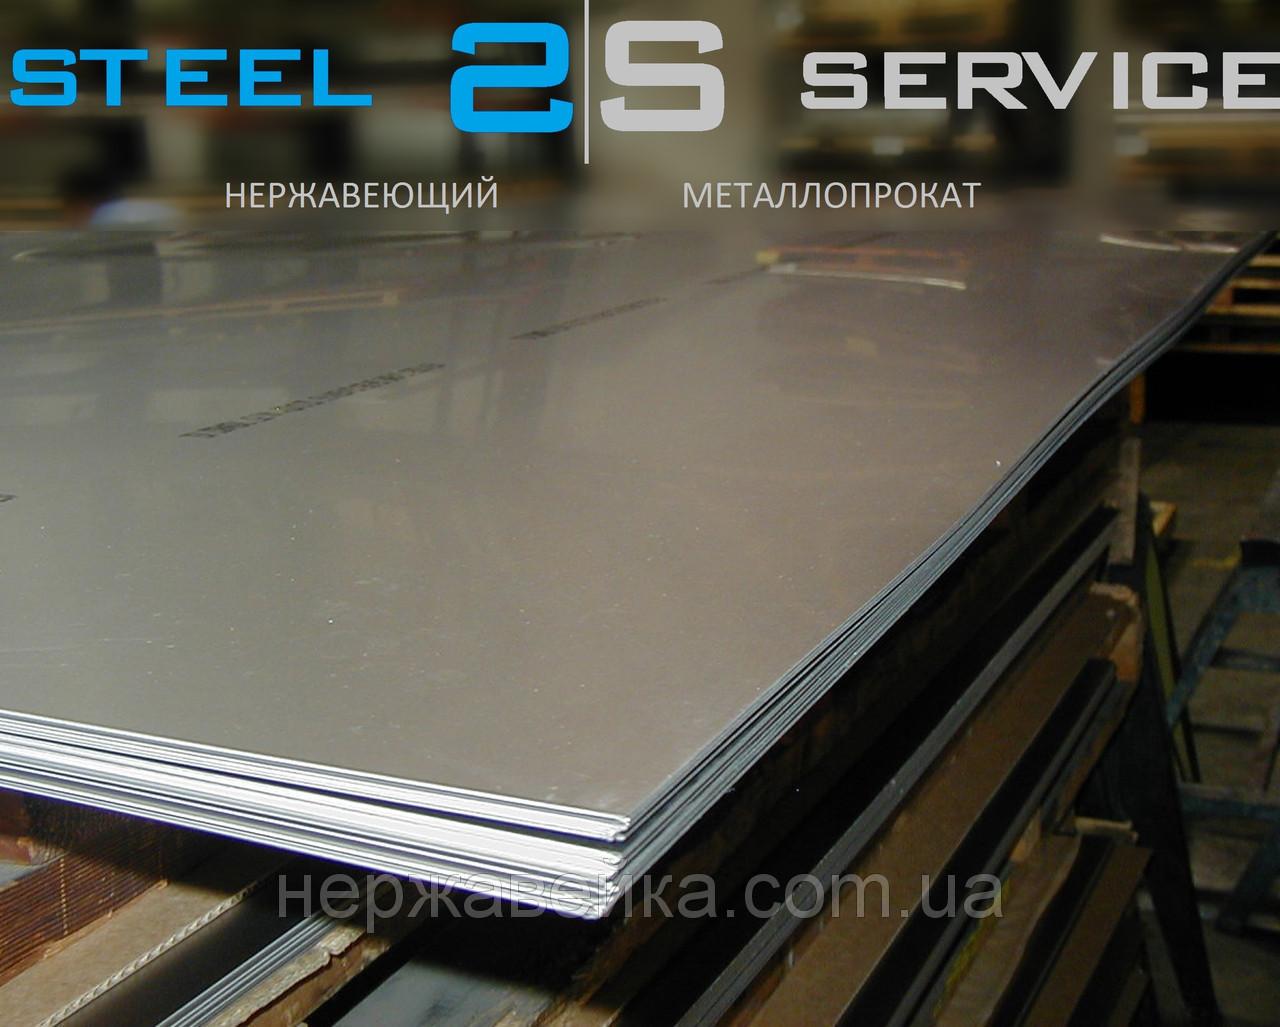 Нержавіючий лист 12х1500х3000мм AISI 316L(03Х17Н14М3) F1 - гарячекатаний, кислотостійкий